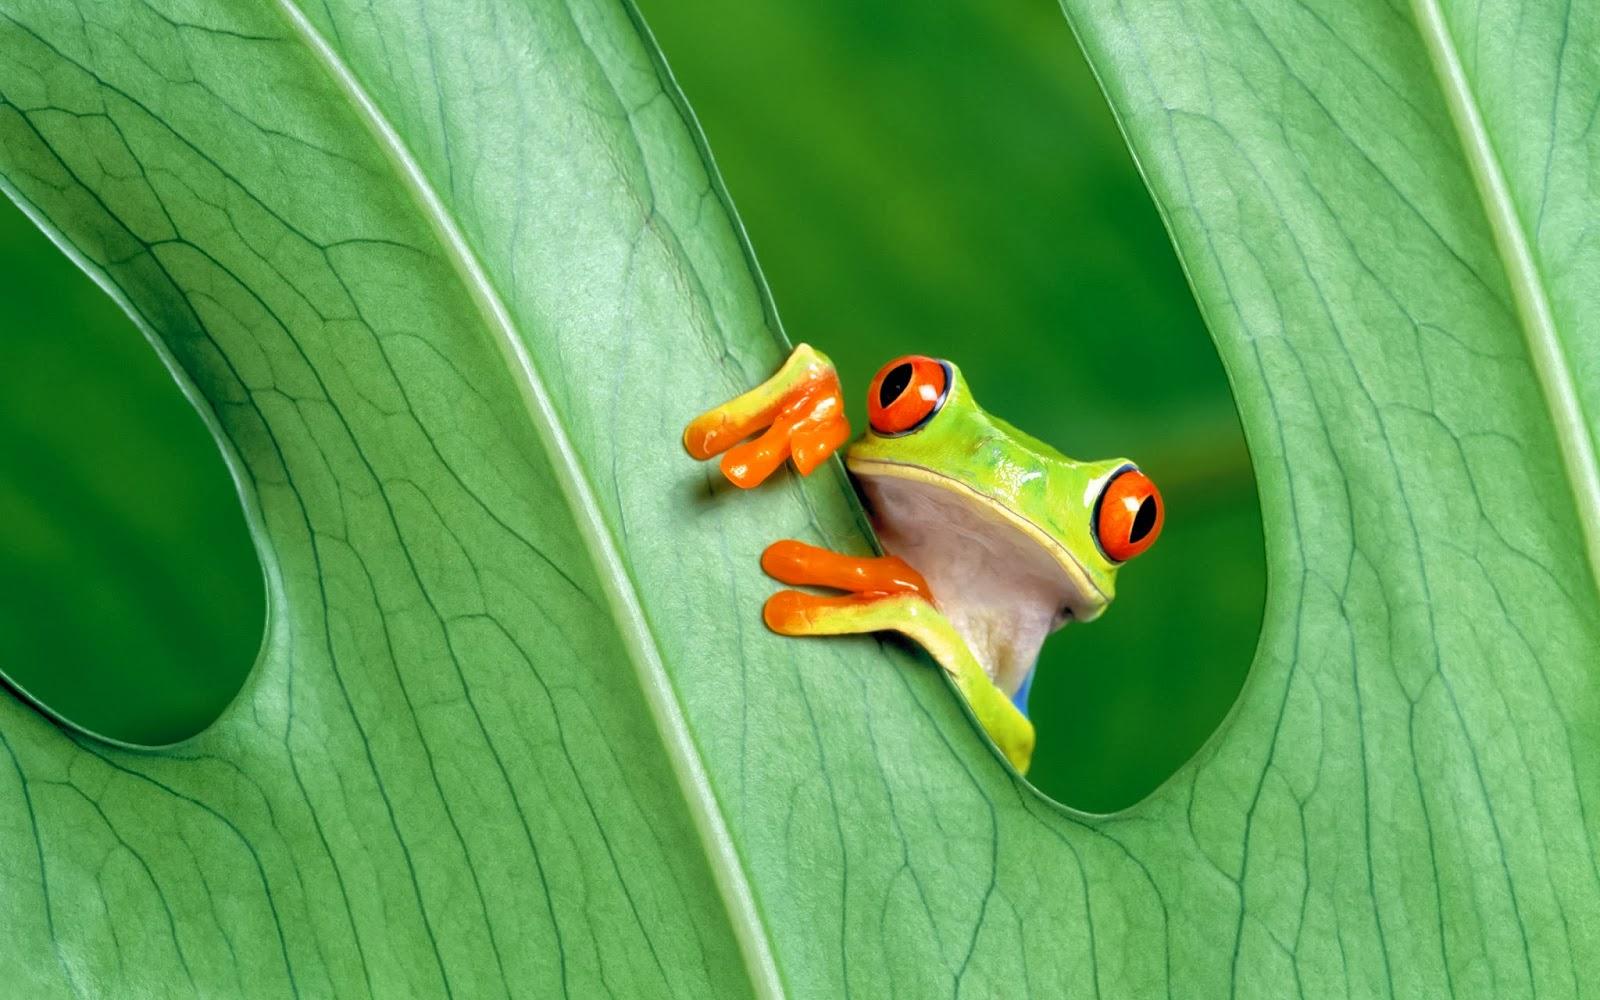 """<img src=""""http://1.bp.blogspot.com/-5YdxaMX6uM8/Uuknf7014tI/AAAAAAAAKm0/xGsNN3rVmUM/s1600/frog-wallpaper.jpg"""" alt=""""frog wallpaper"""" />"""